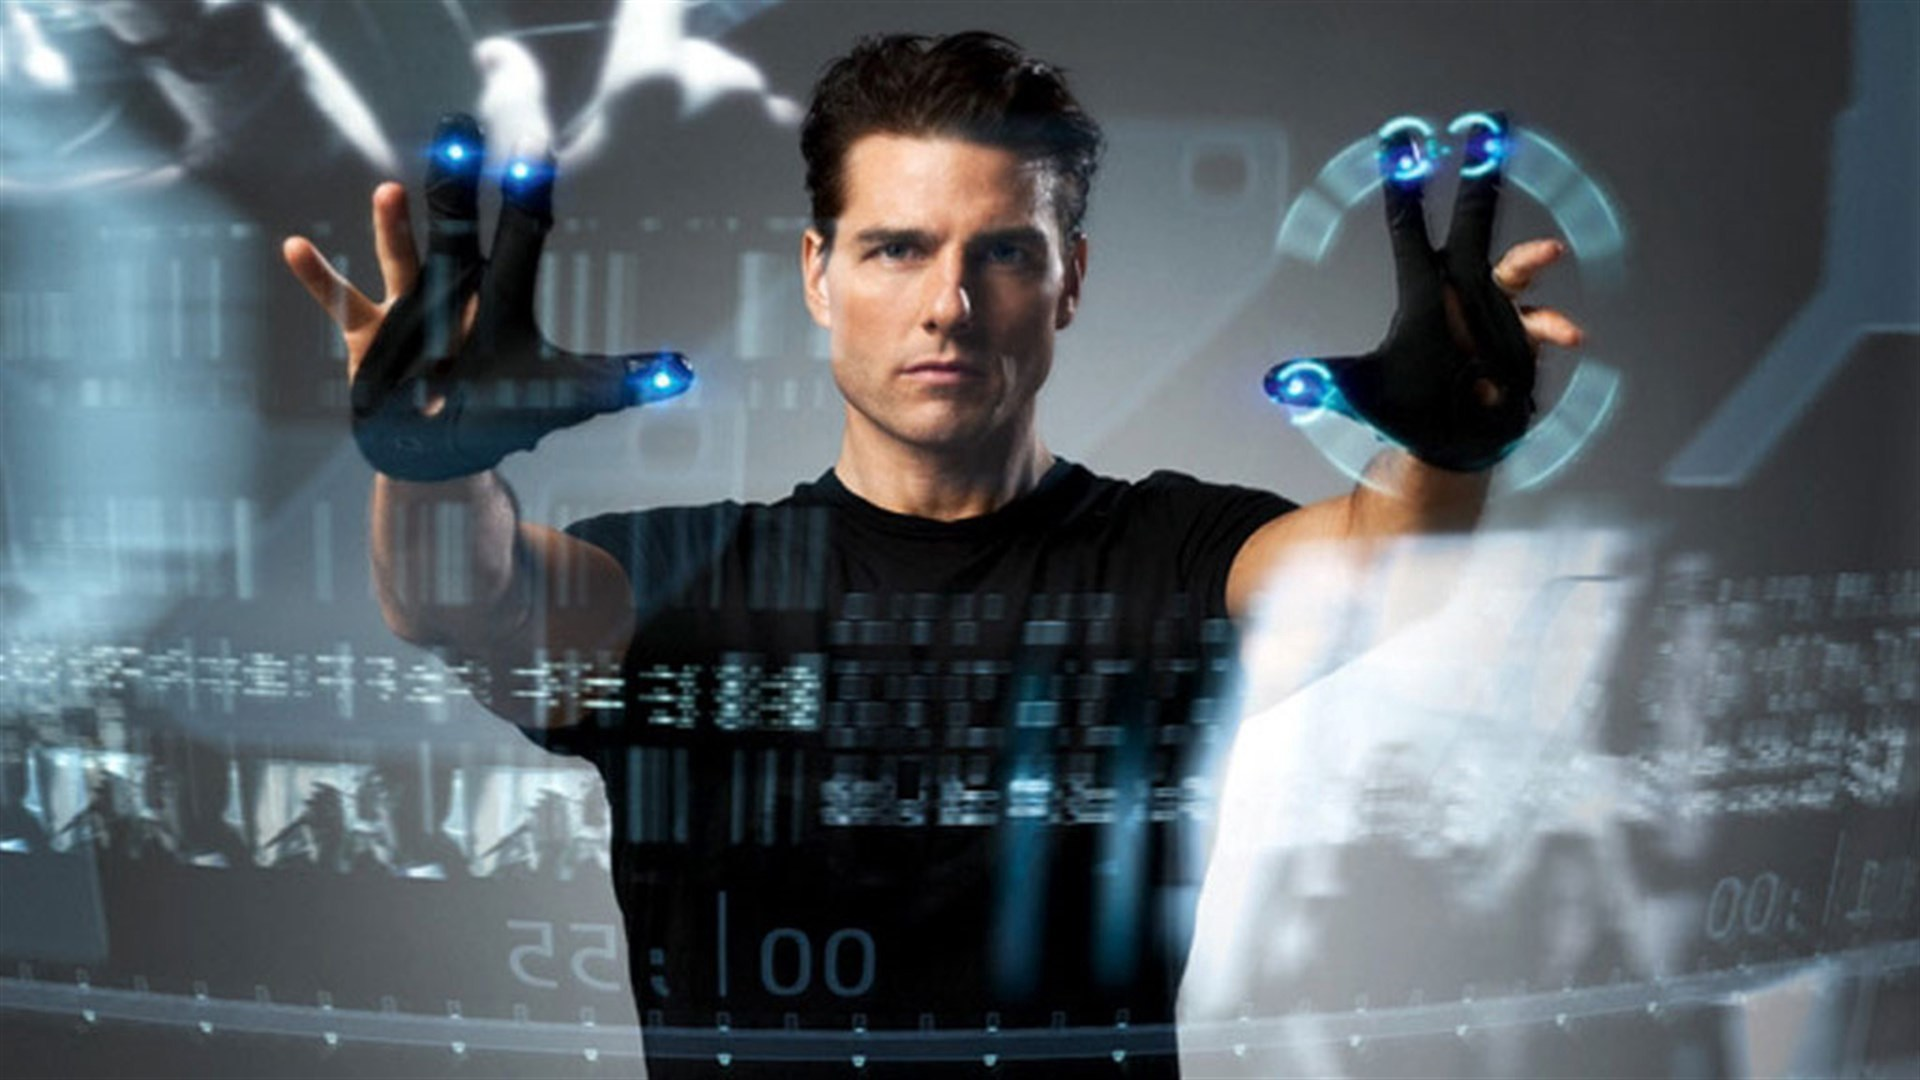 Tecnologia mobile pode permitir a antecipação de crimes como em Minority Report